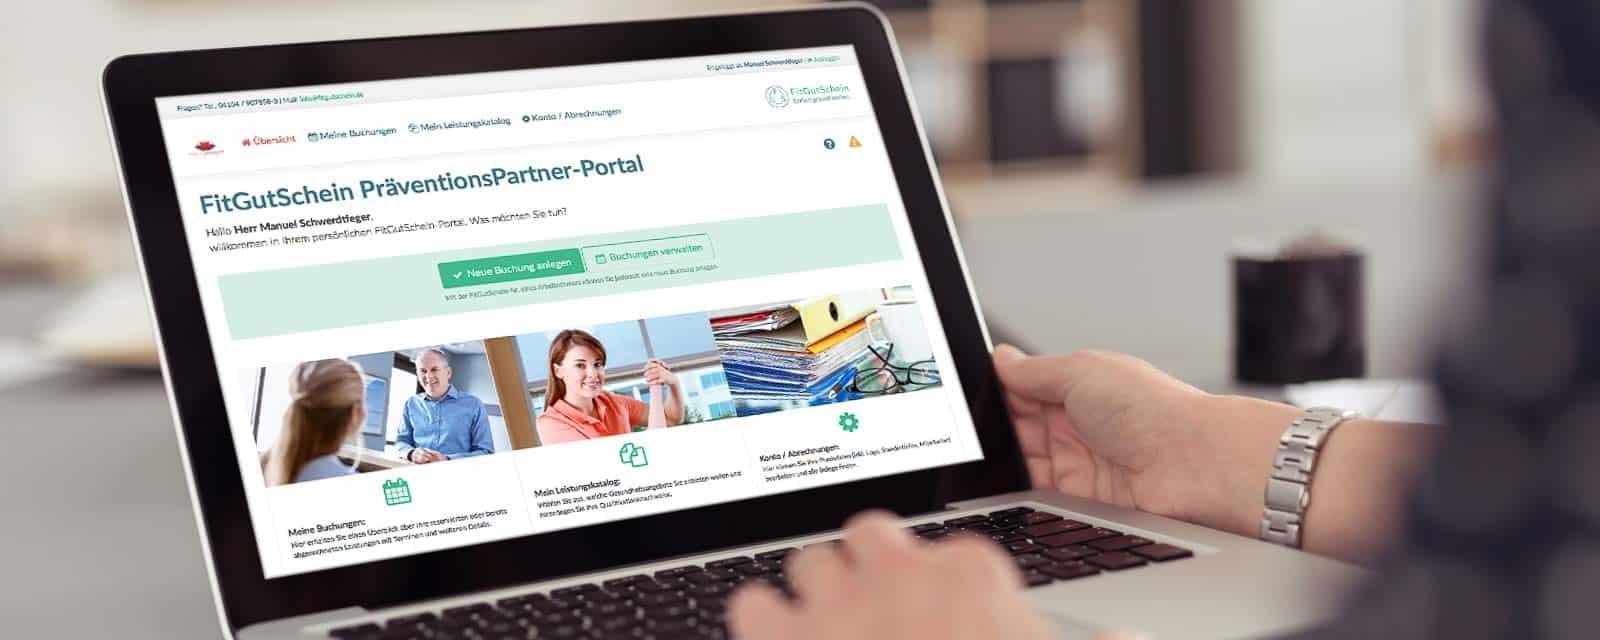 fitgutschein-praeventionspartner-portal-bildschirm